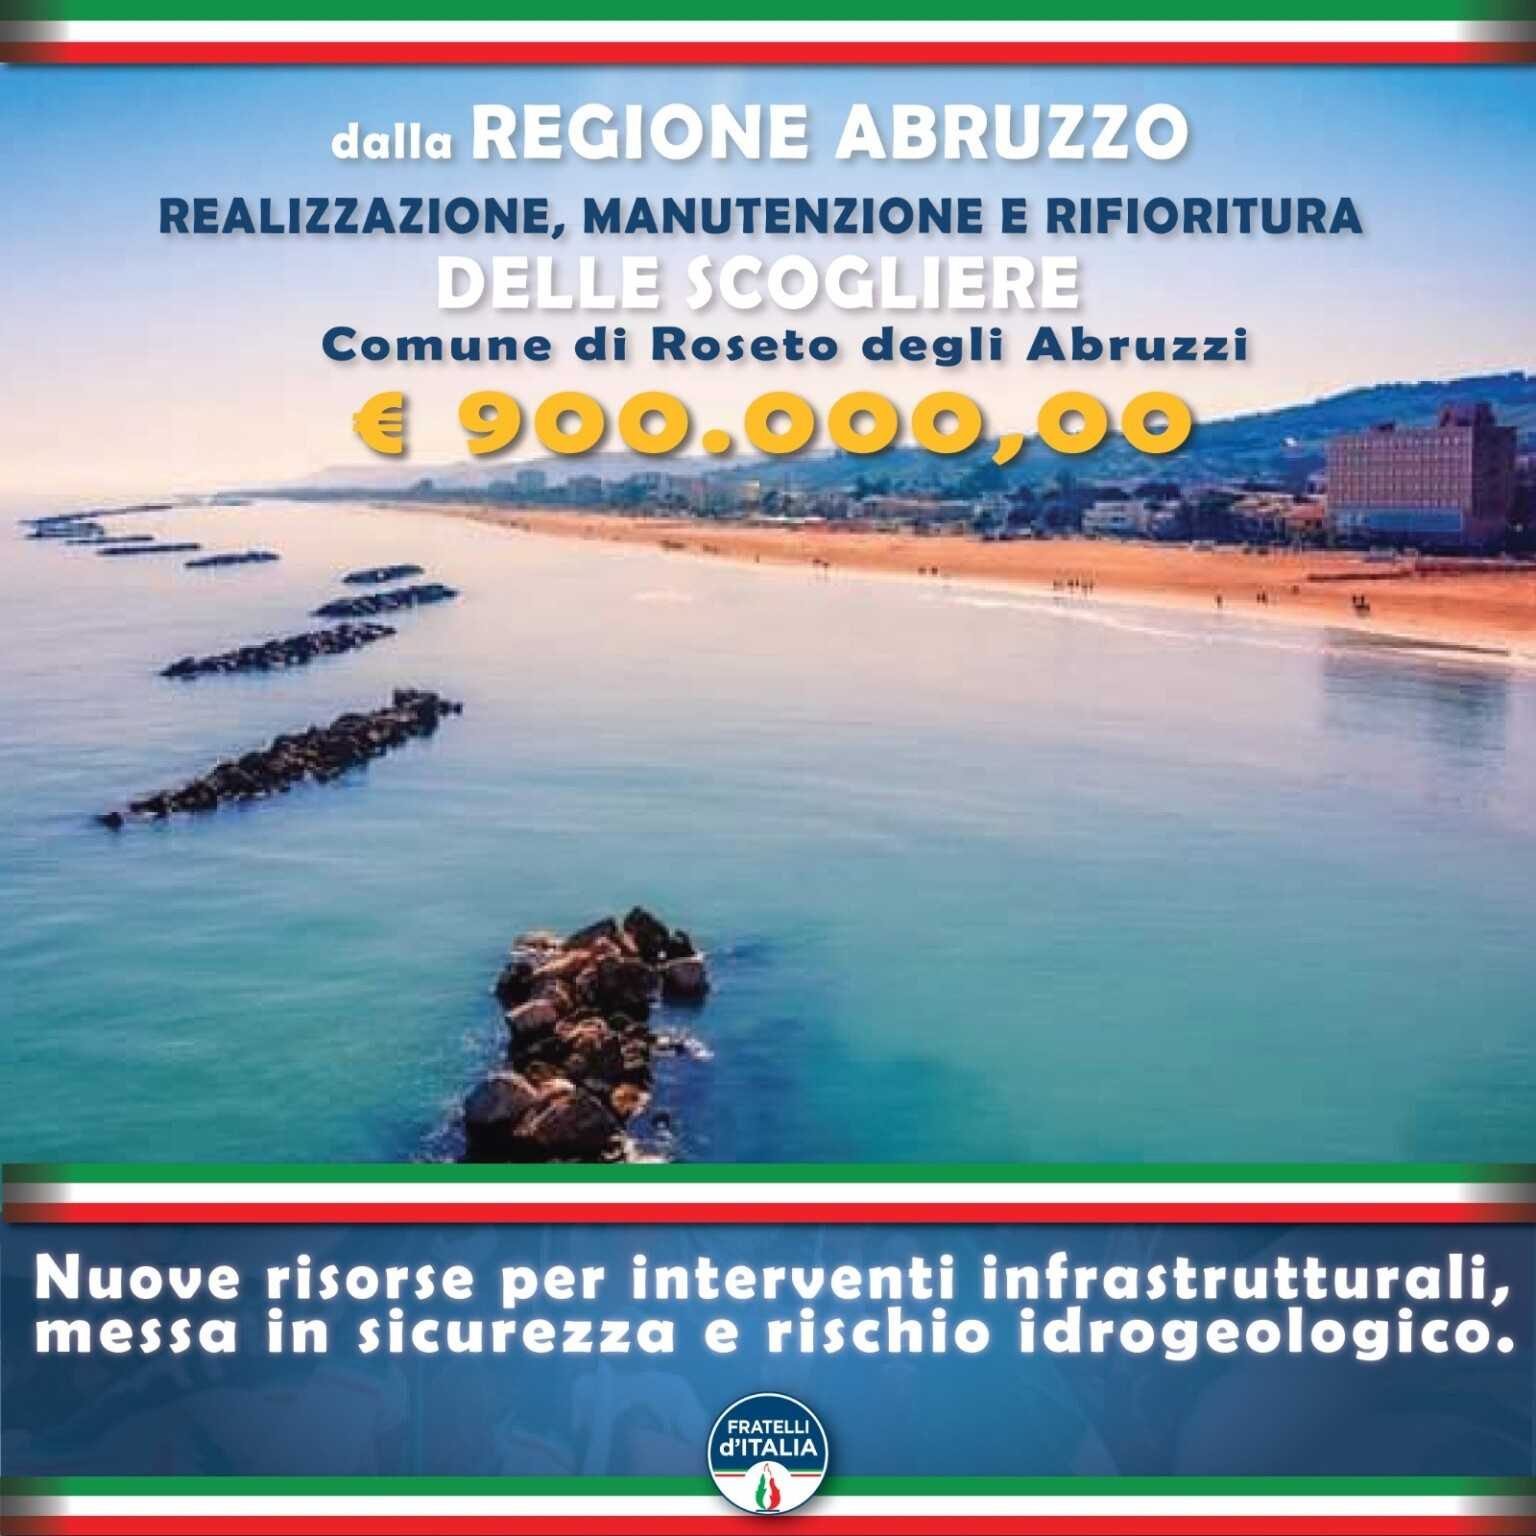 fratelli-d'italia-roseto:-a-difesa-della-costa-dalla-regione-altri-900.000-euro